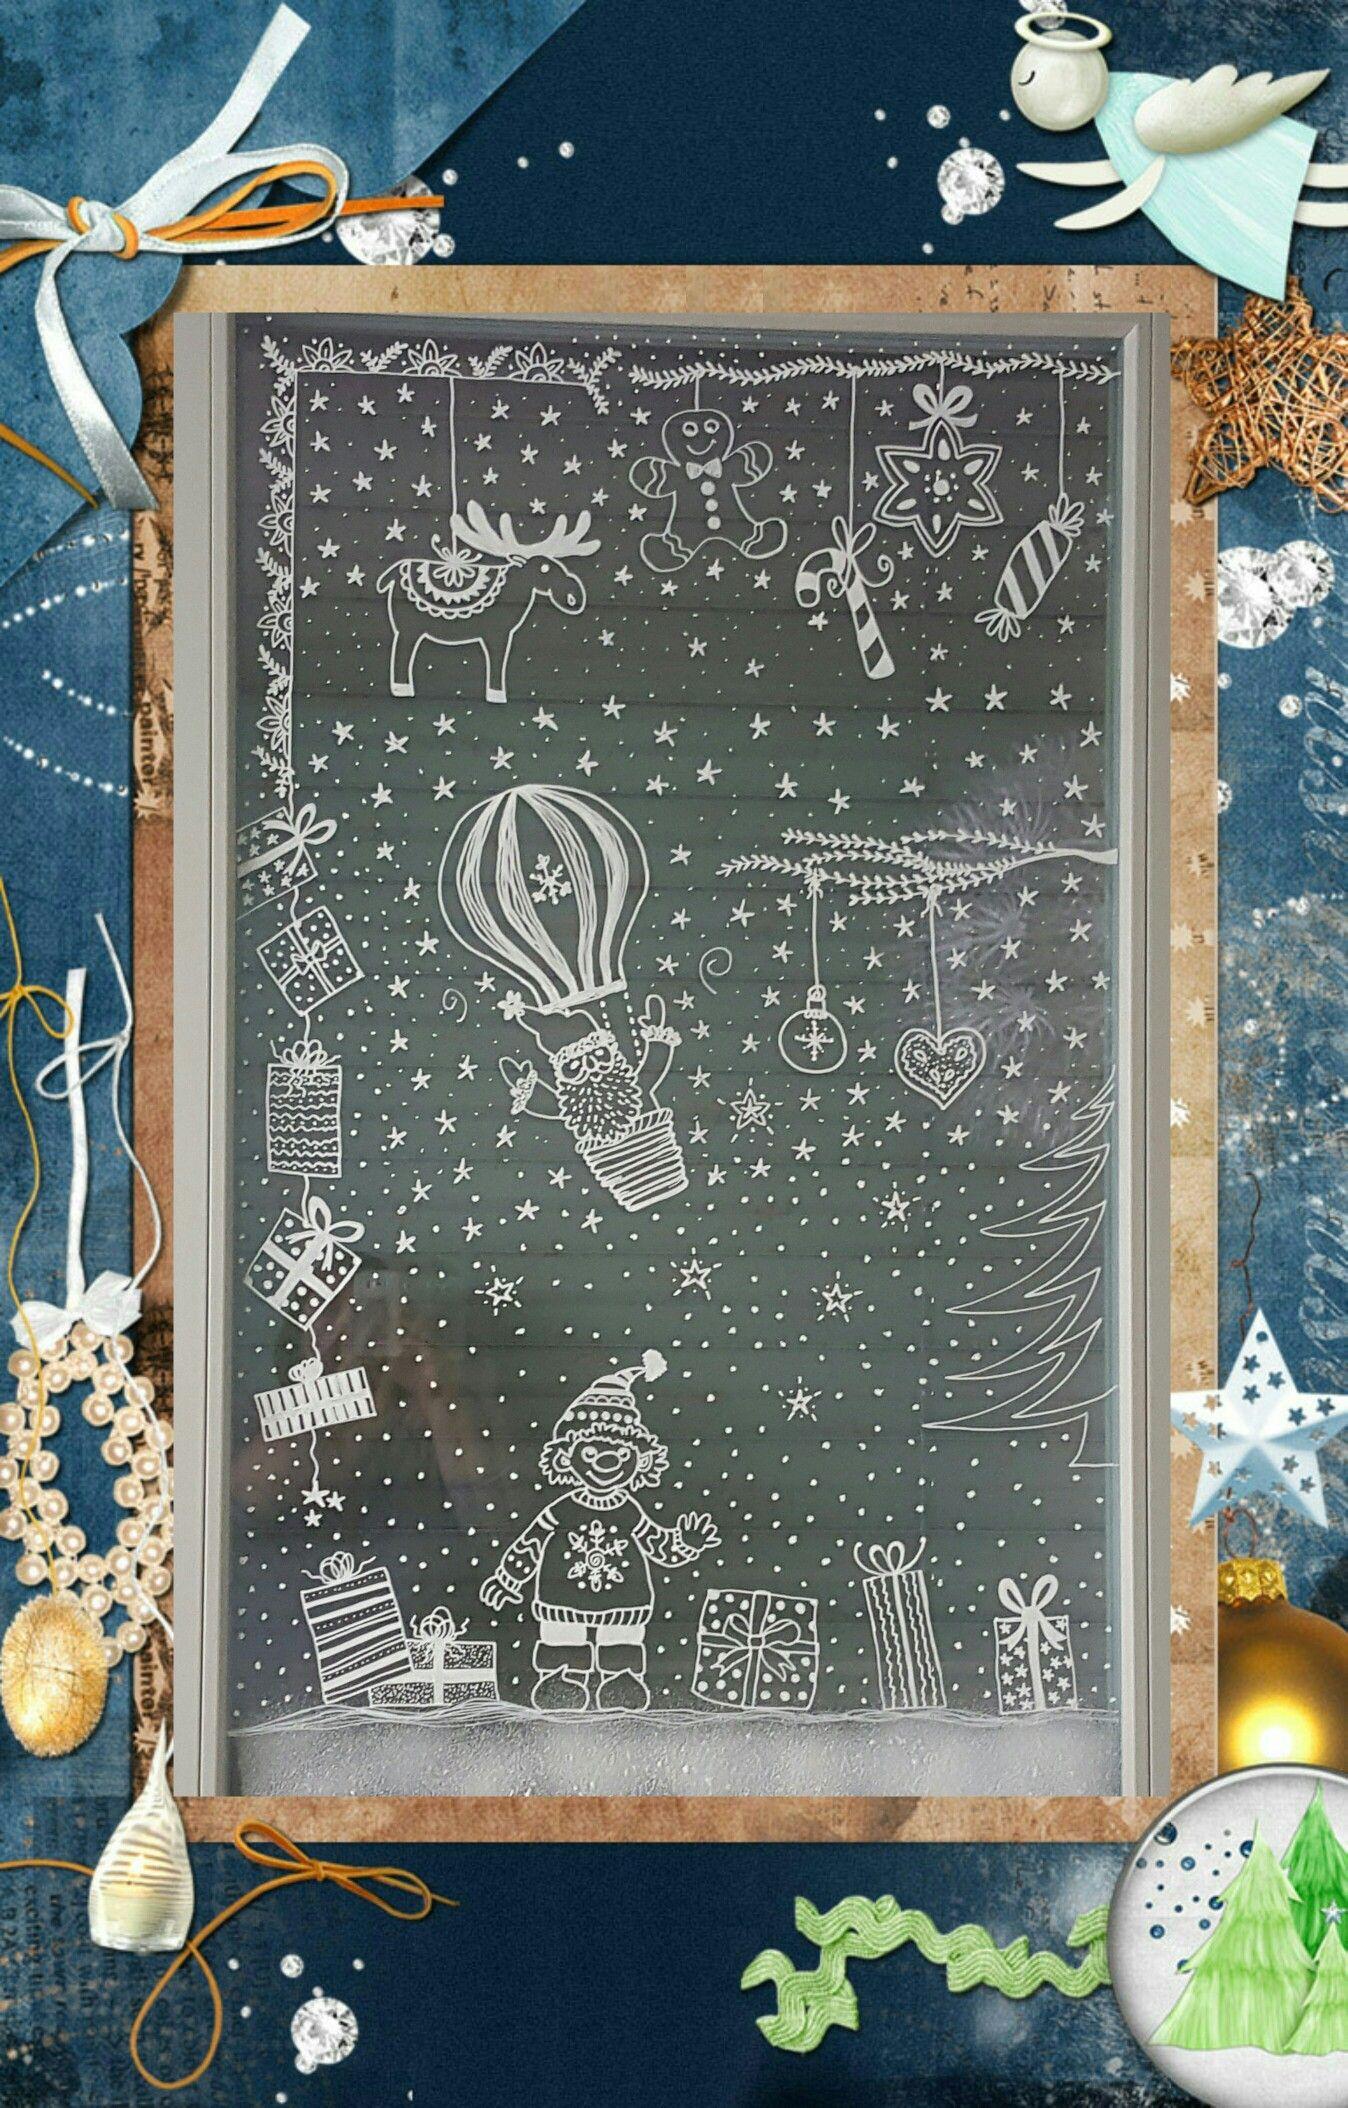 Winterdekoration Am Fenster Mit Chalk Pen Vorlage Aus Bine Brändle